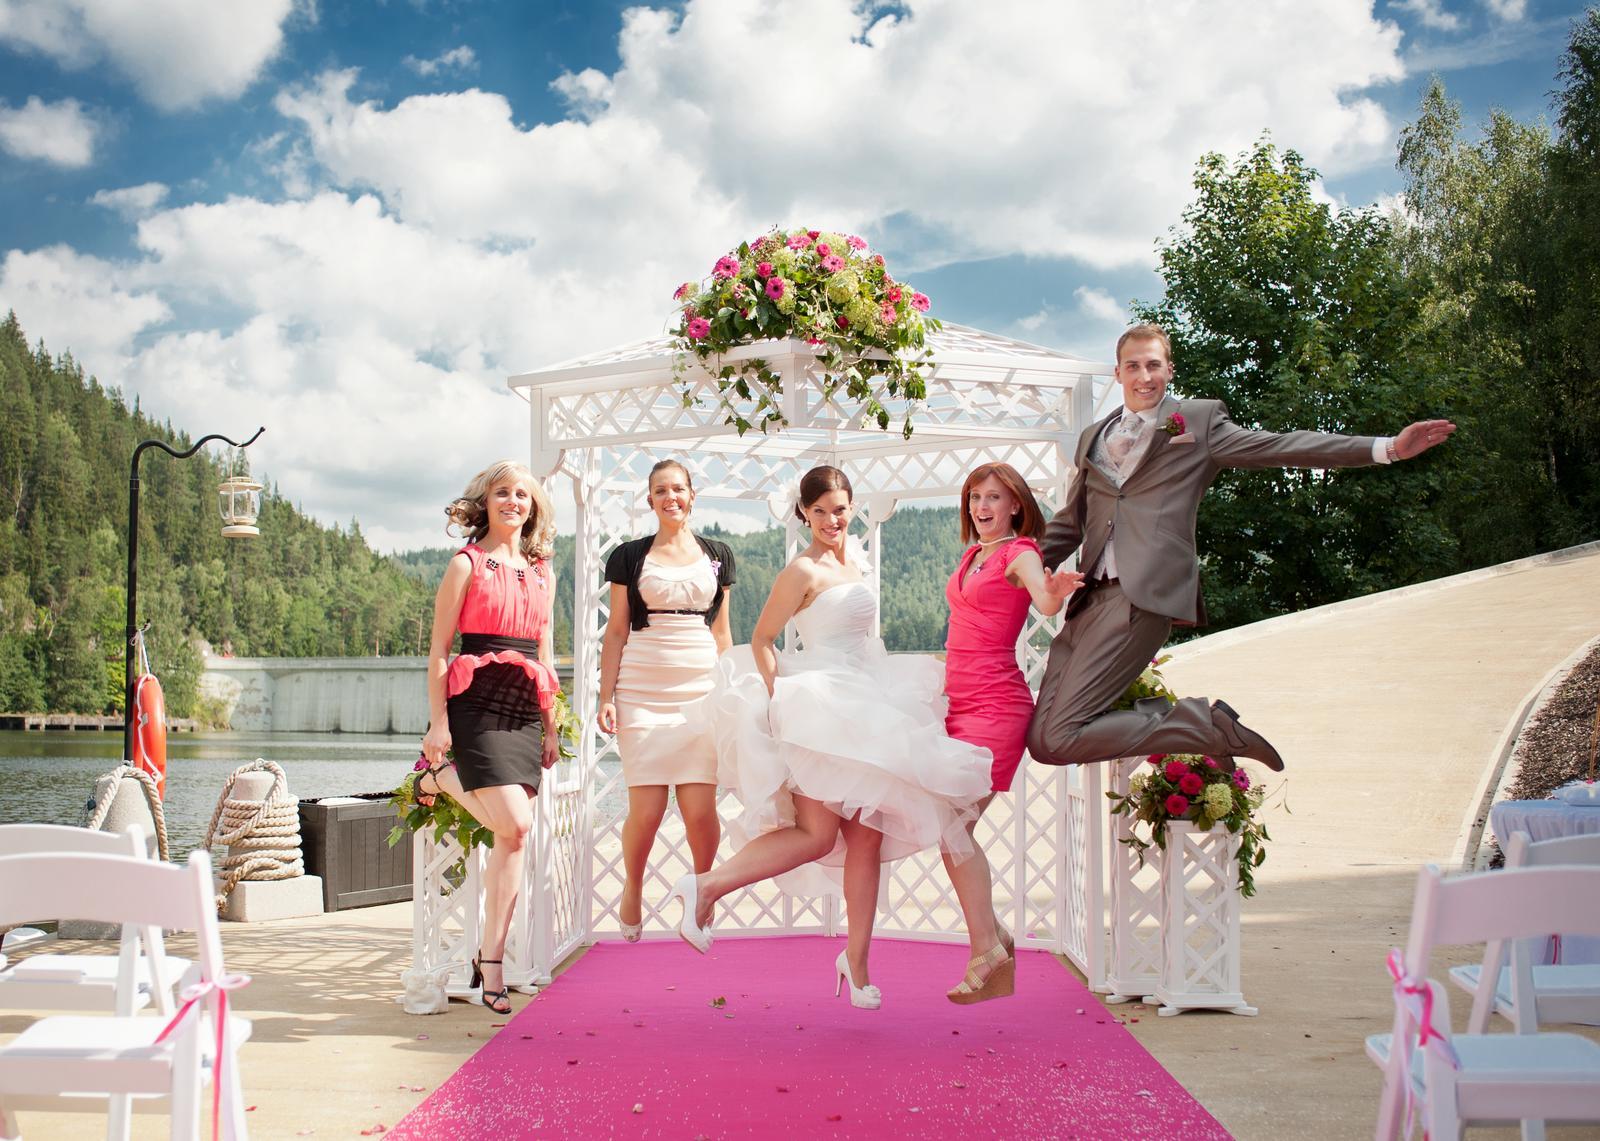 Půjčení svatebního altánu - Obrázek č. 3